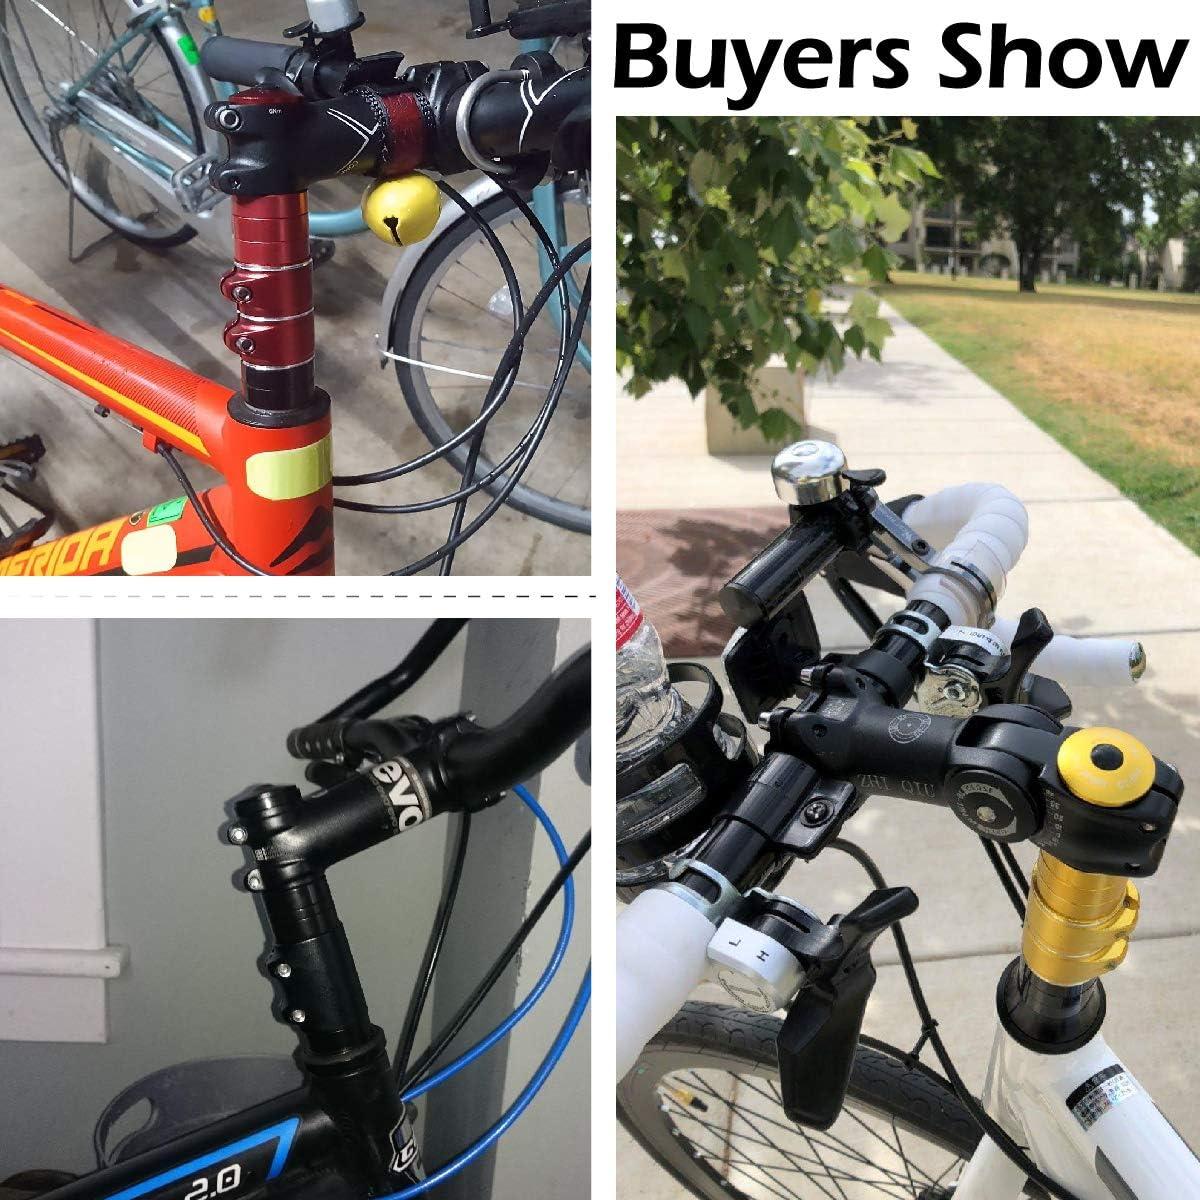 Bicicleta de Carretera Azarxis Adaptador para Manillar de Bicicleta de Aleaci/ón de Aluminio Flexible F/ácil Instalaci/ón Apto para Bicicleta de Monta/ña MTB BMX